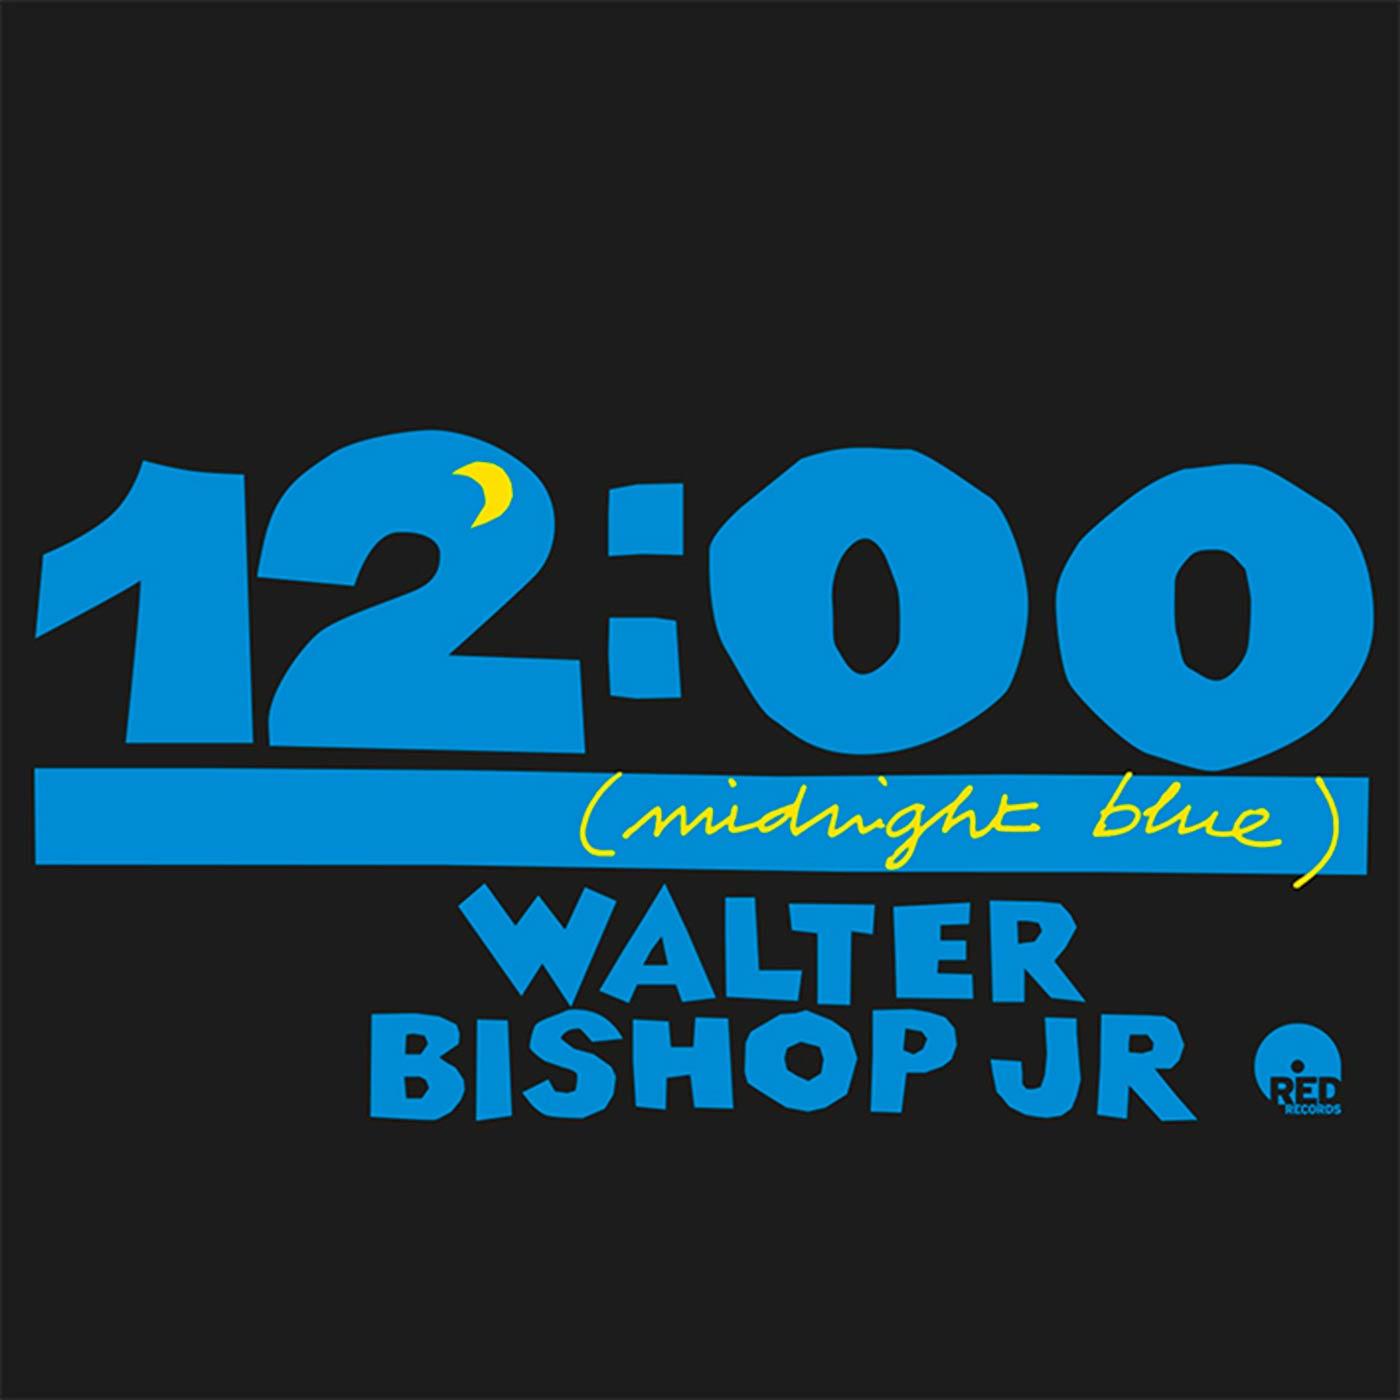 Midnight Blue - Walter Bishop Jr.